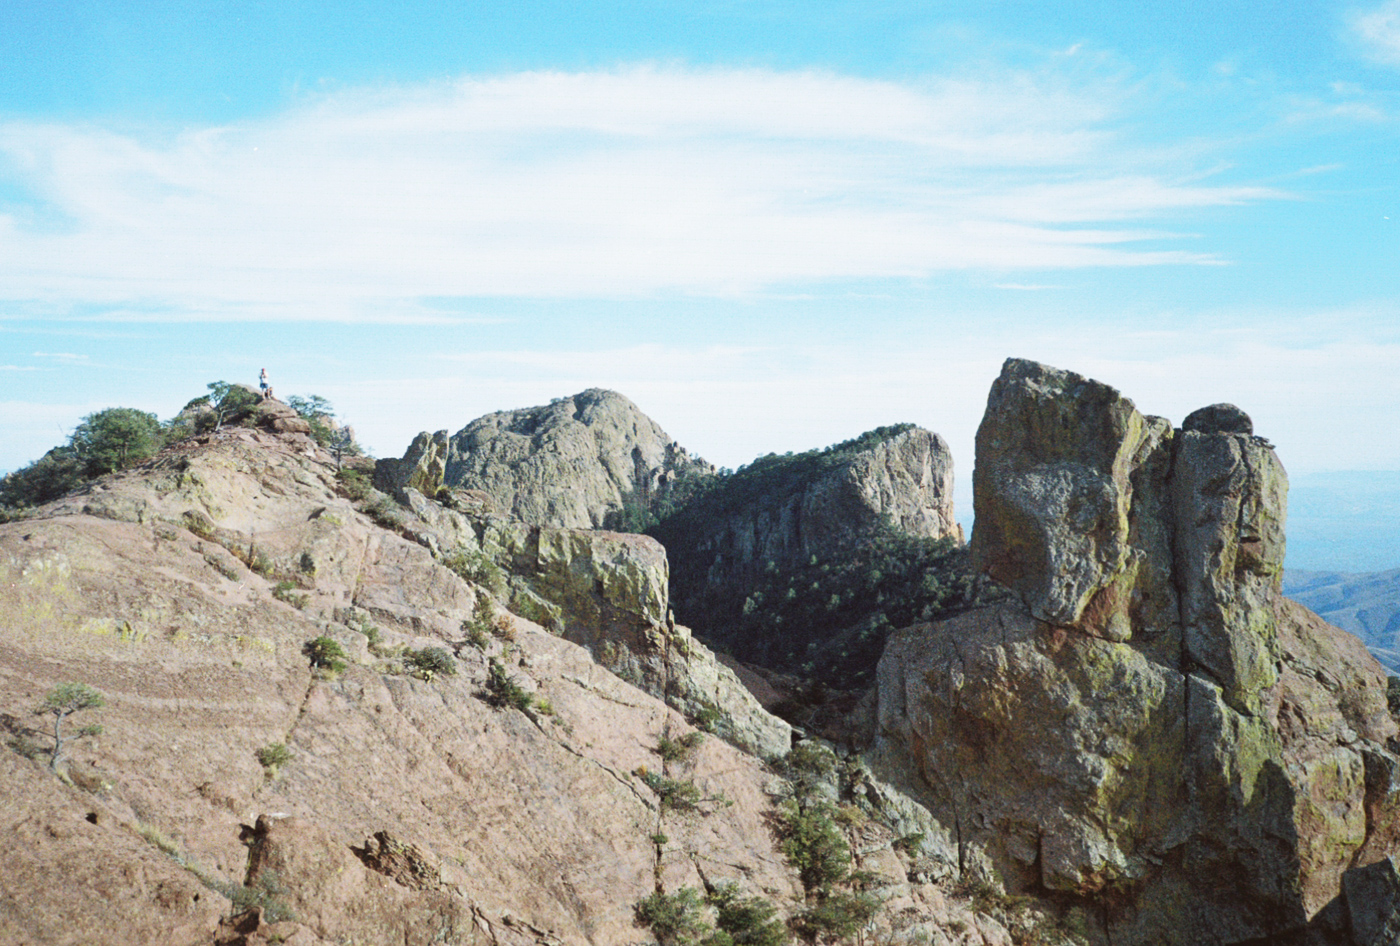 film 35mm lomo olympus hike camp big bend texas america yall pawlowski trail